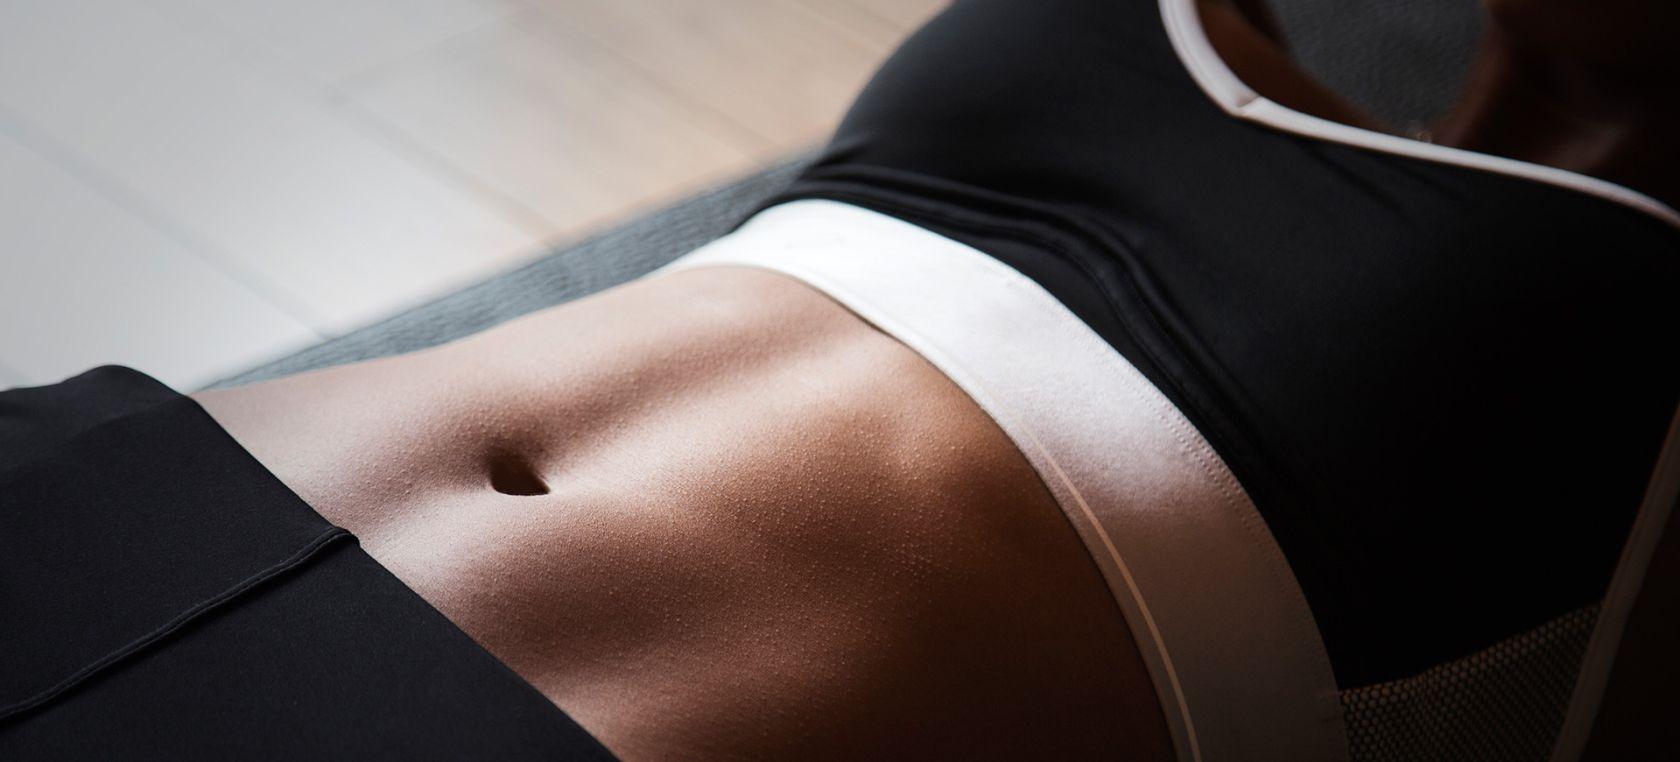 Estos 3 ejercicios de 1 minuto equivalen a 100 abdominales ...